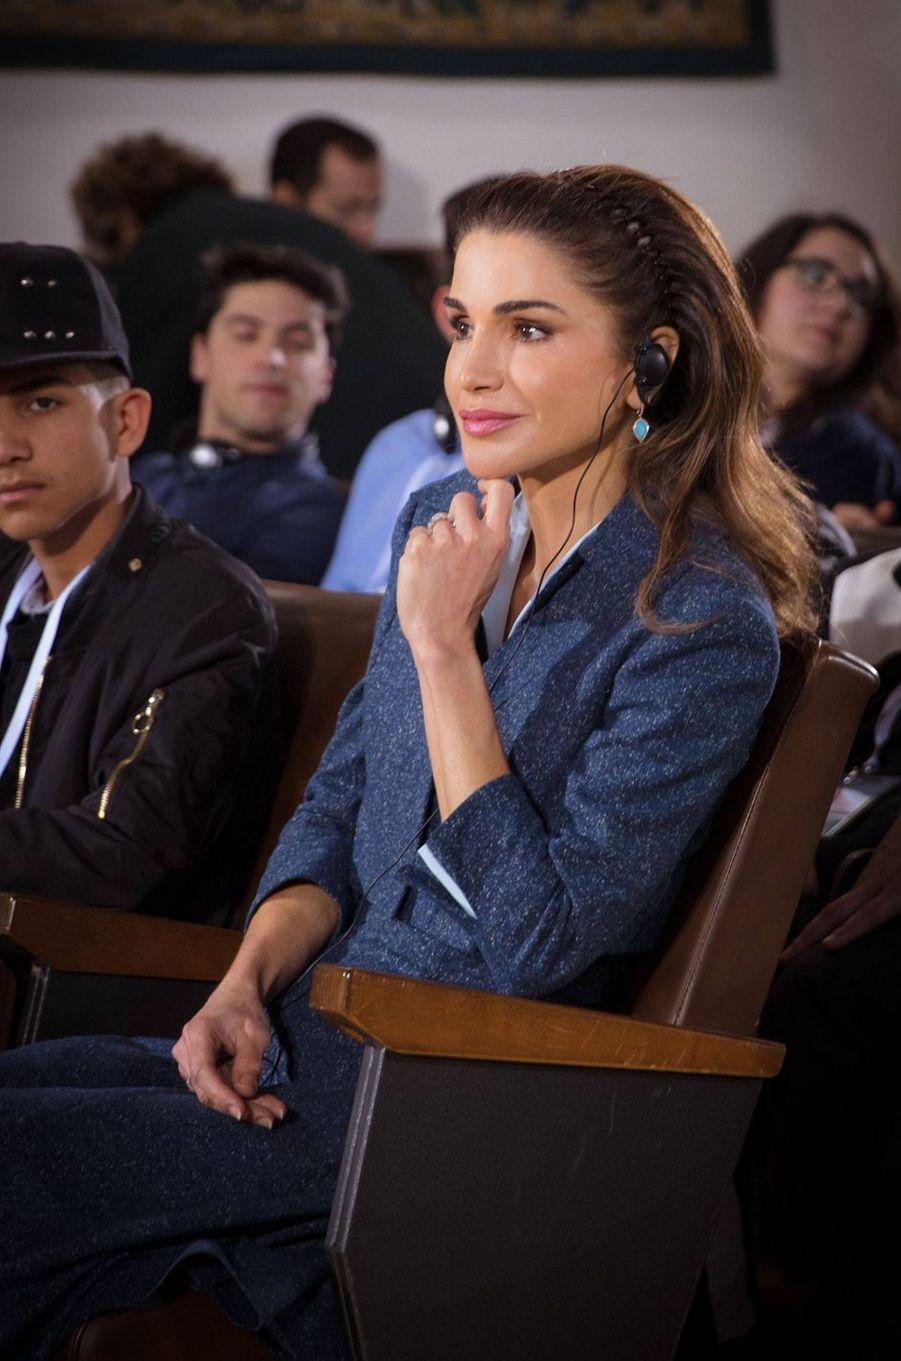 La reine Rania de Jordanie à Assise, le 29 mars 2019